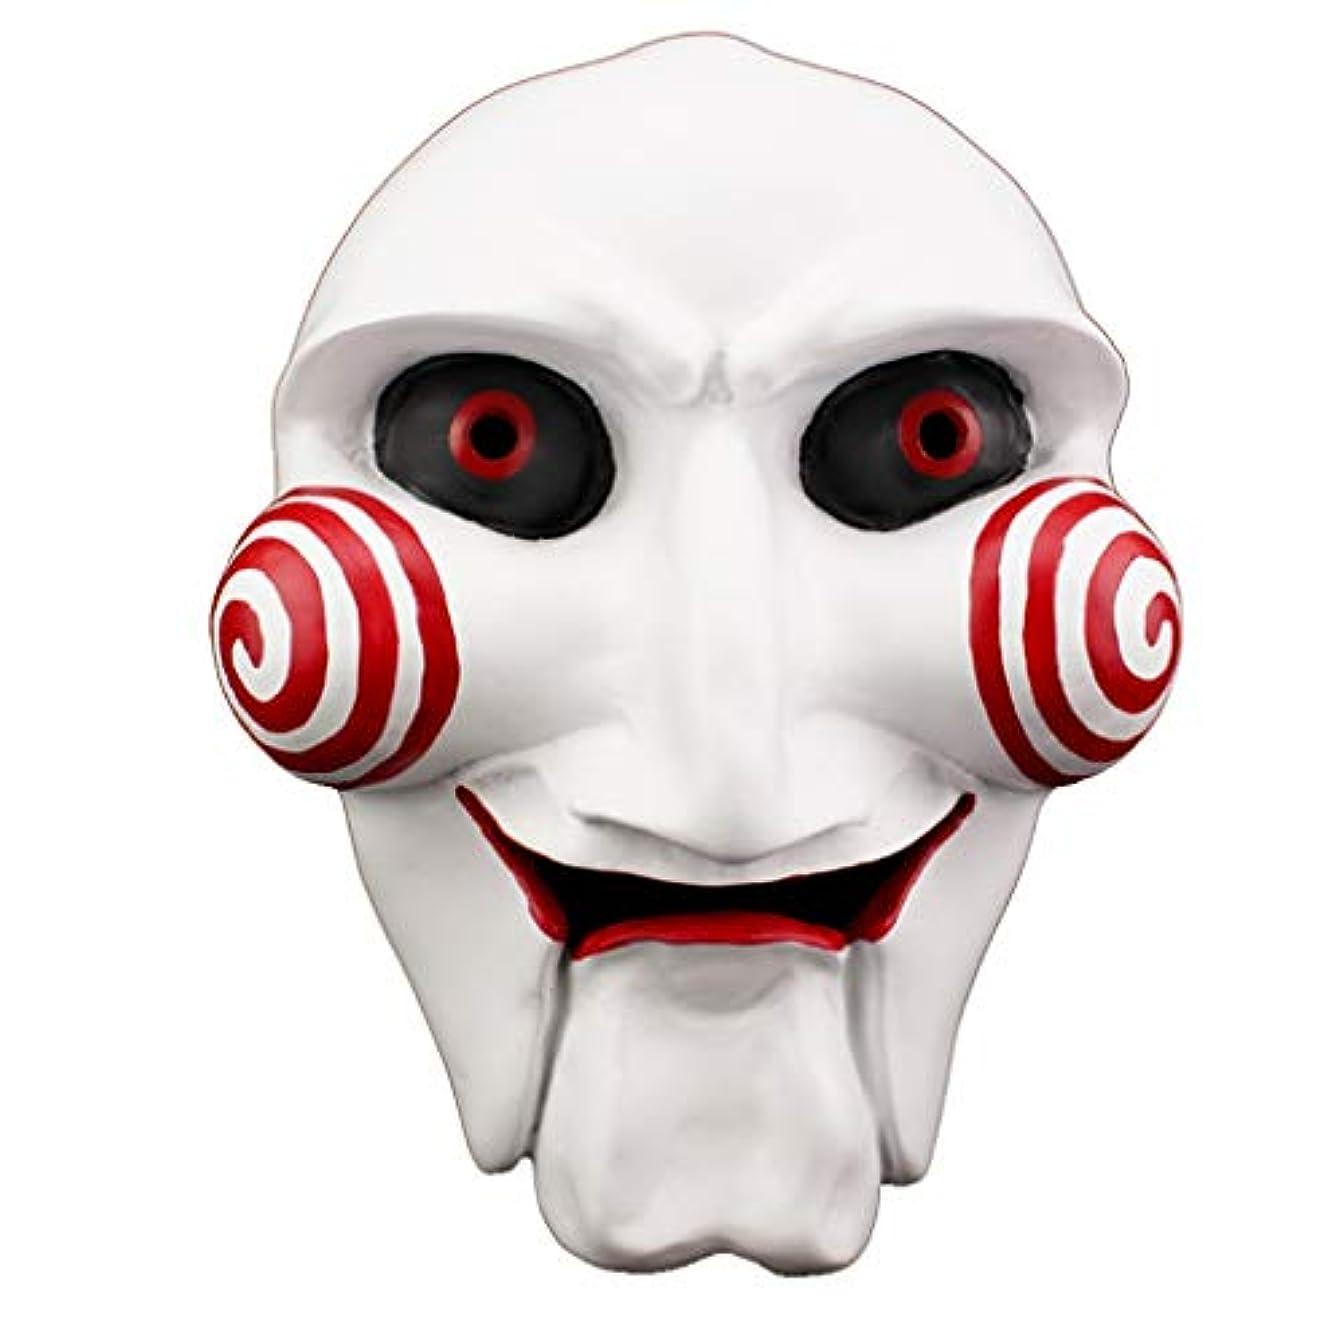 お気に入りローズナイトスポットハロウィンホラーマスク、チェーンソークリプトテーママスクマスカレード樹脂マスク(22.5 * 12 cm)